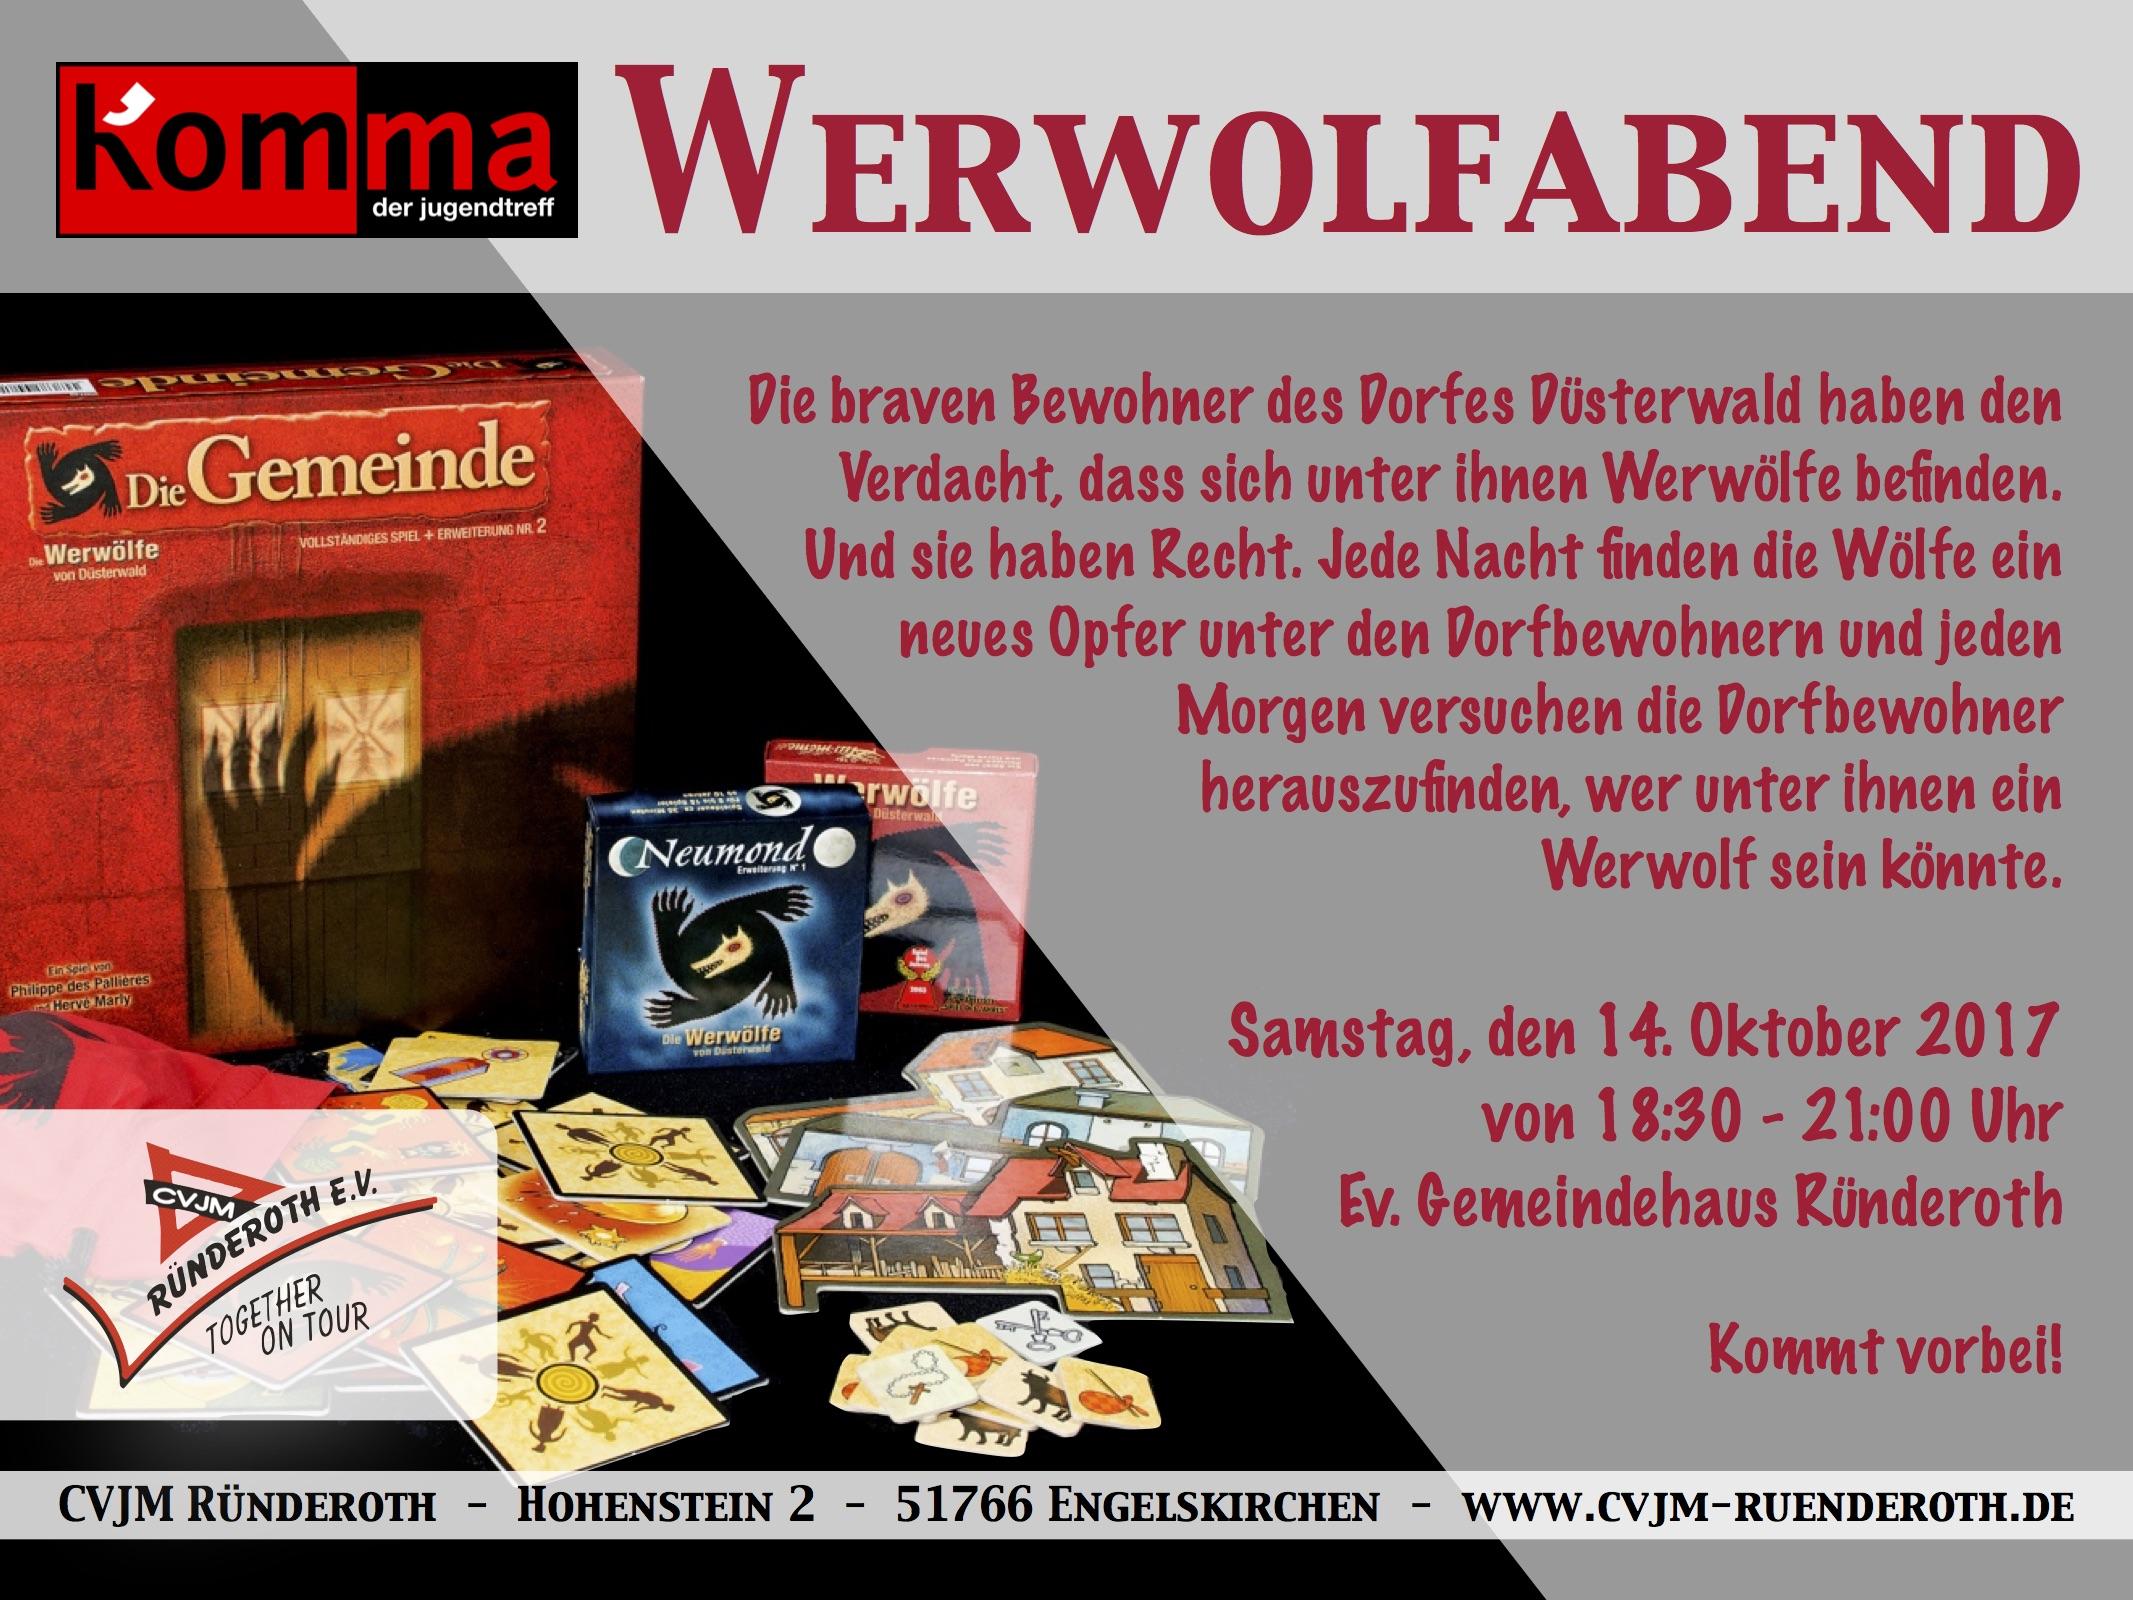 Kom'ma – Werwolfabend